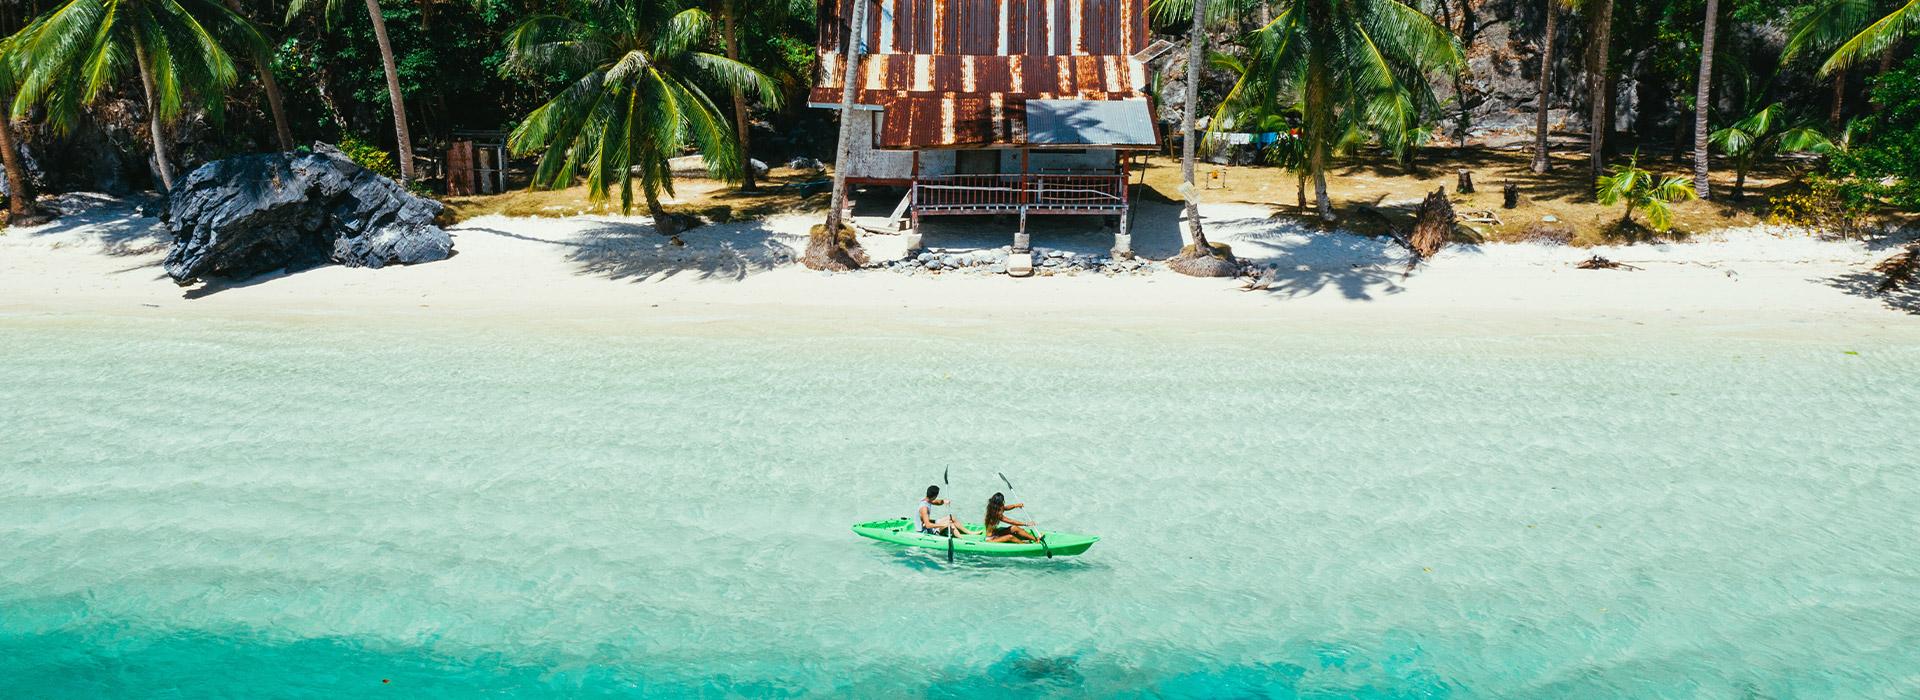 Reisen nach Philippinen - Individuelle Reisen nach Philippinen - Harry Kolb AG - Tourismus